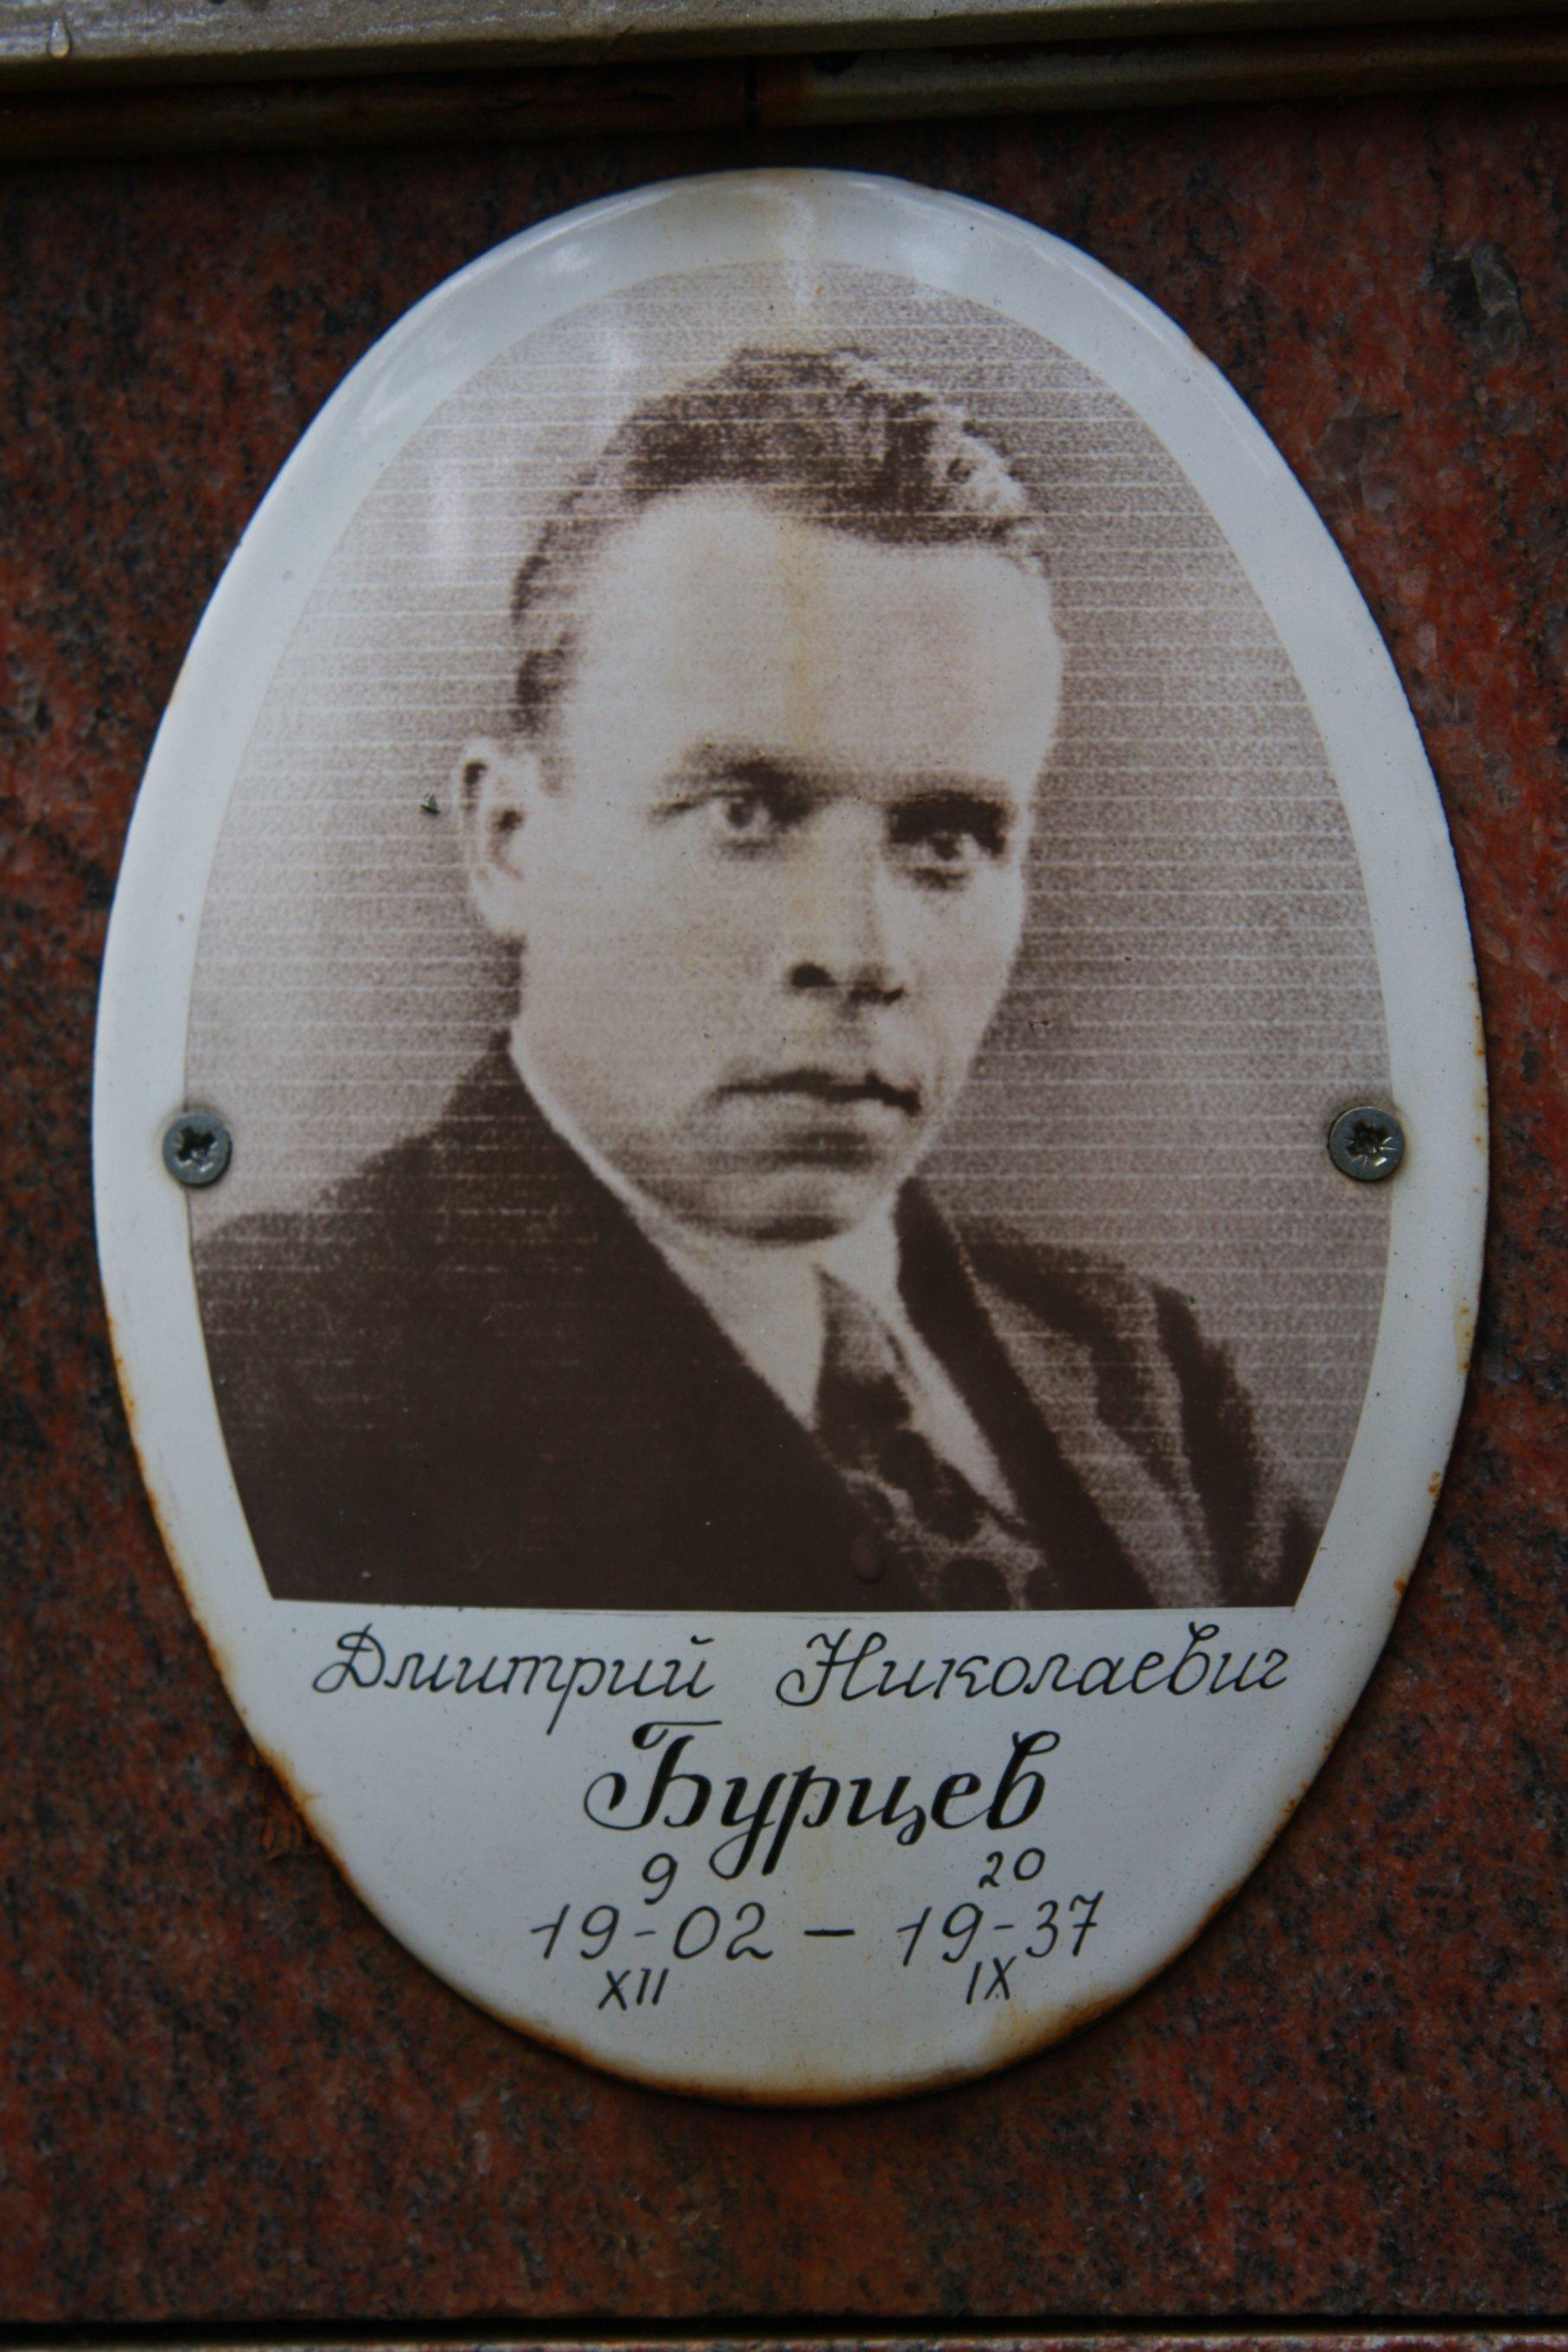 Памятный знак «Дмитрий Николаевич Бурцев». Фото 04.08.2018.